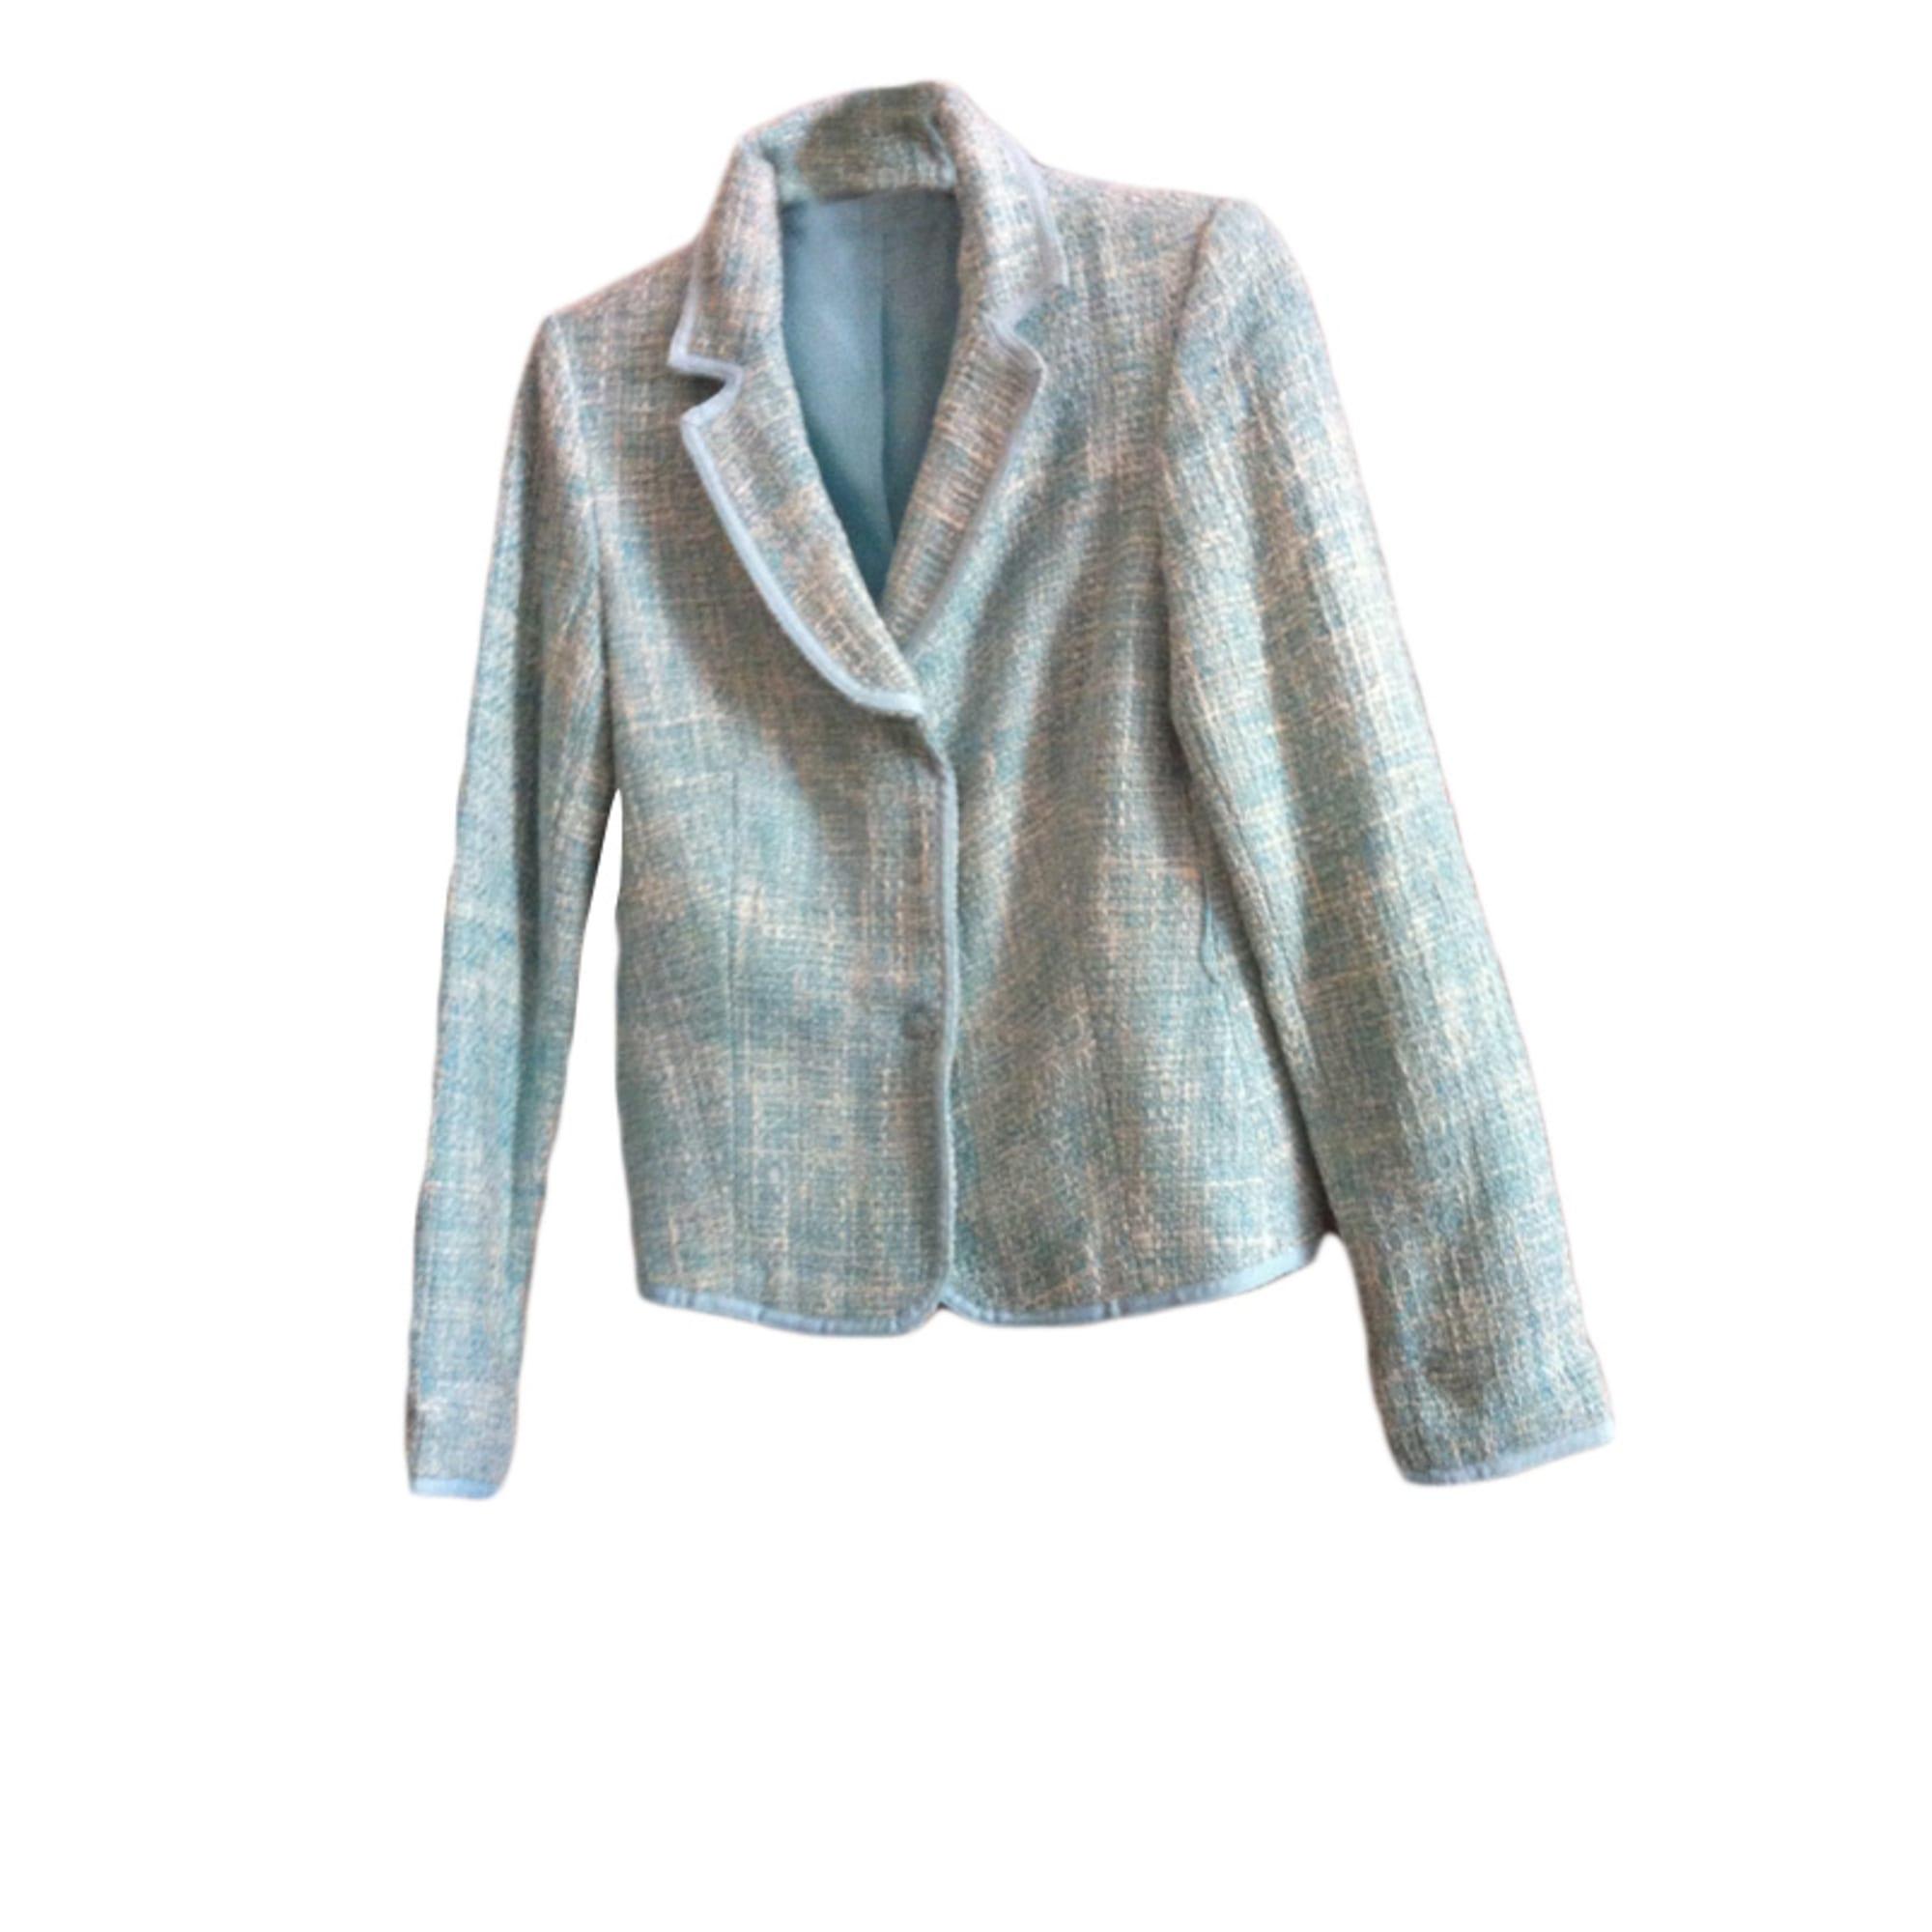 Blazer, veste tailleur MARQUE INCONNUE Blanc et bleu turquoise